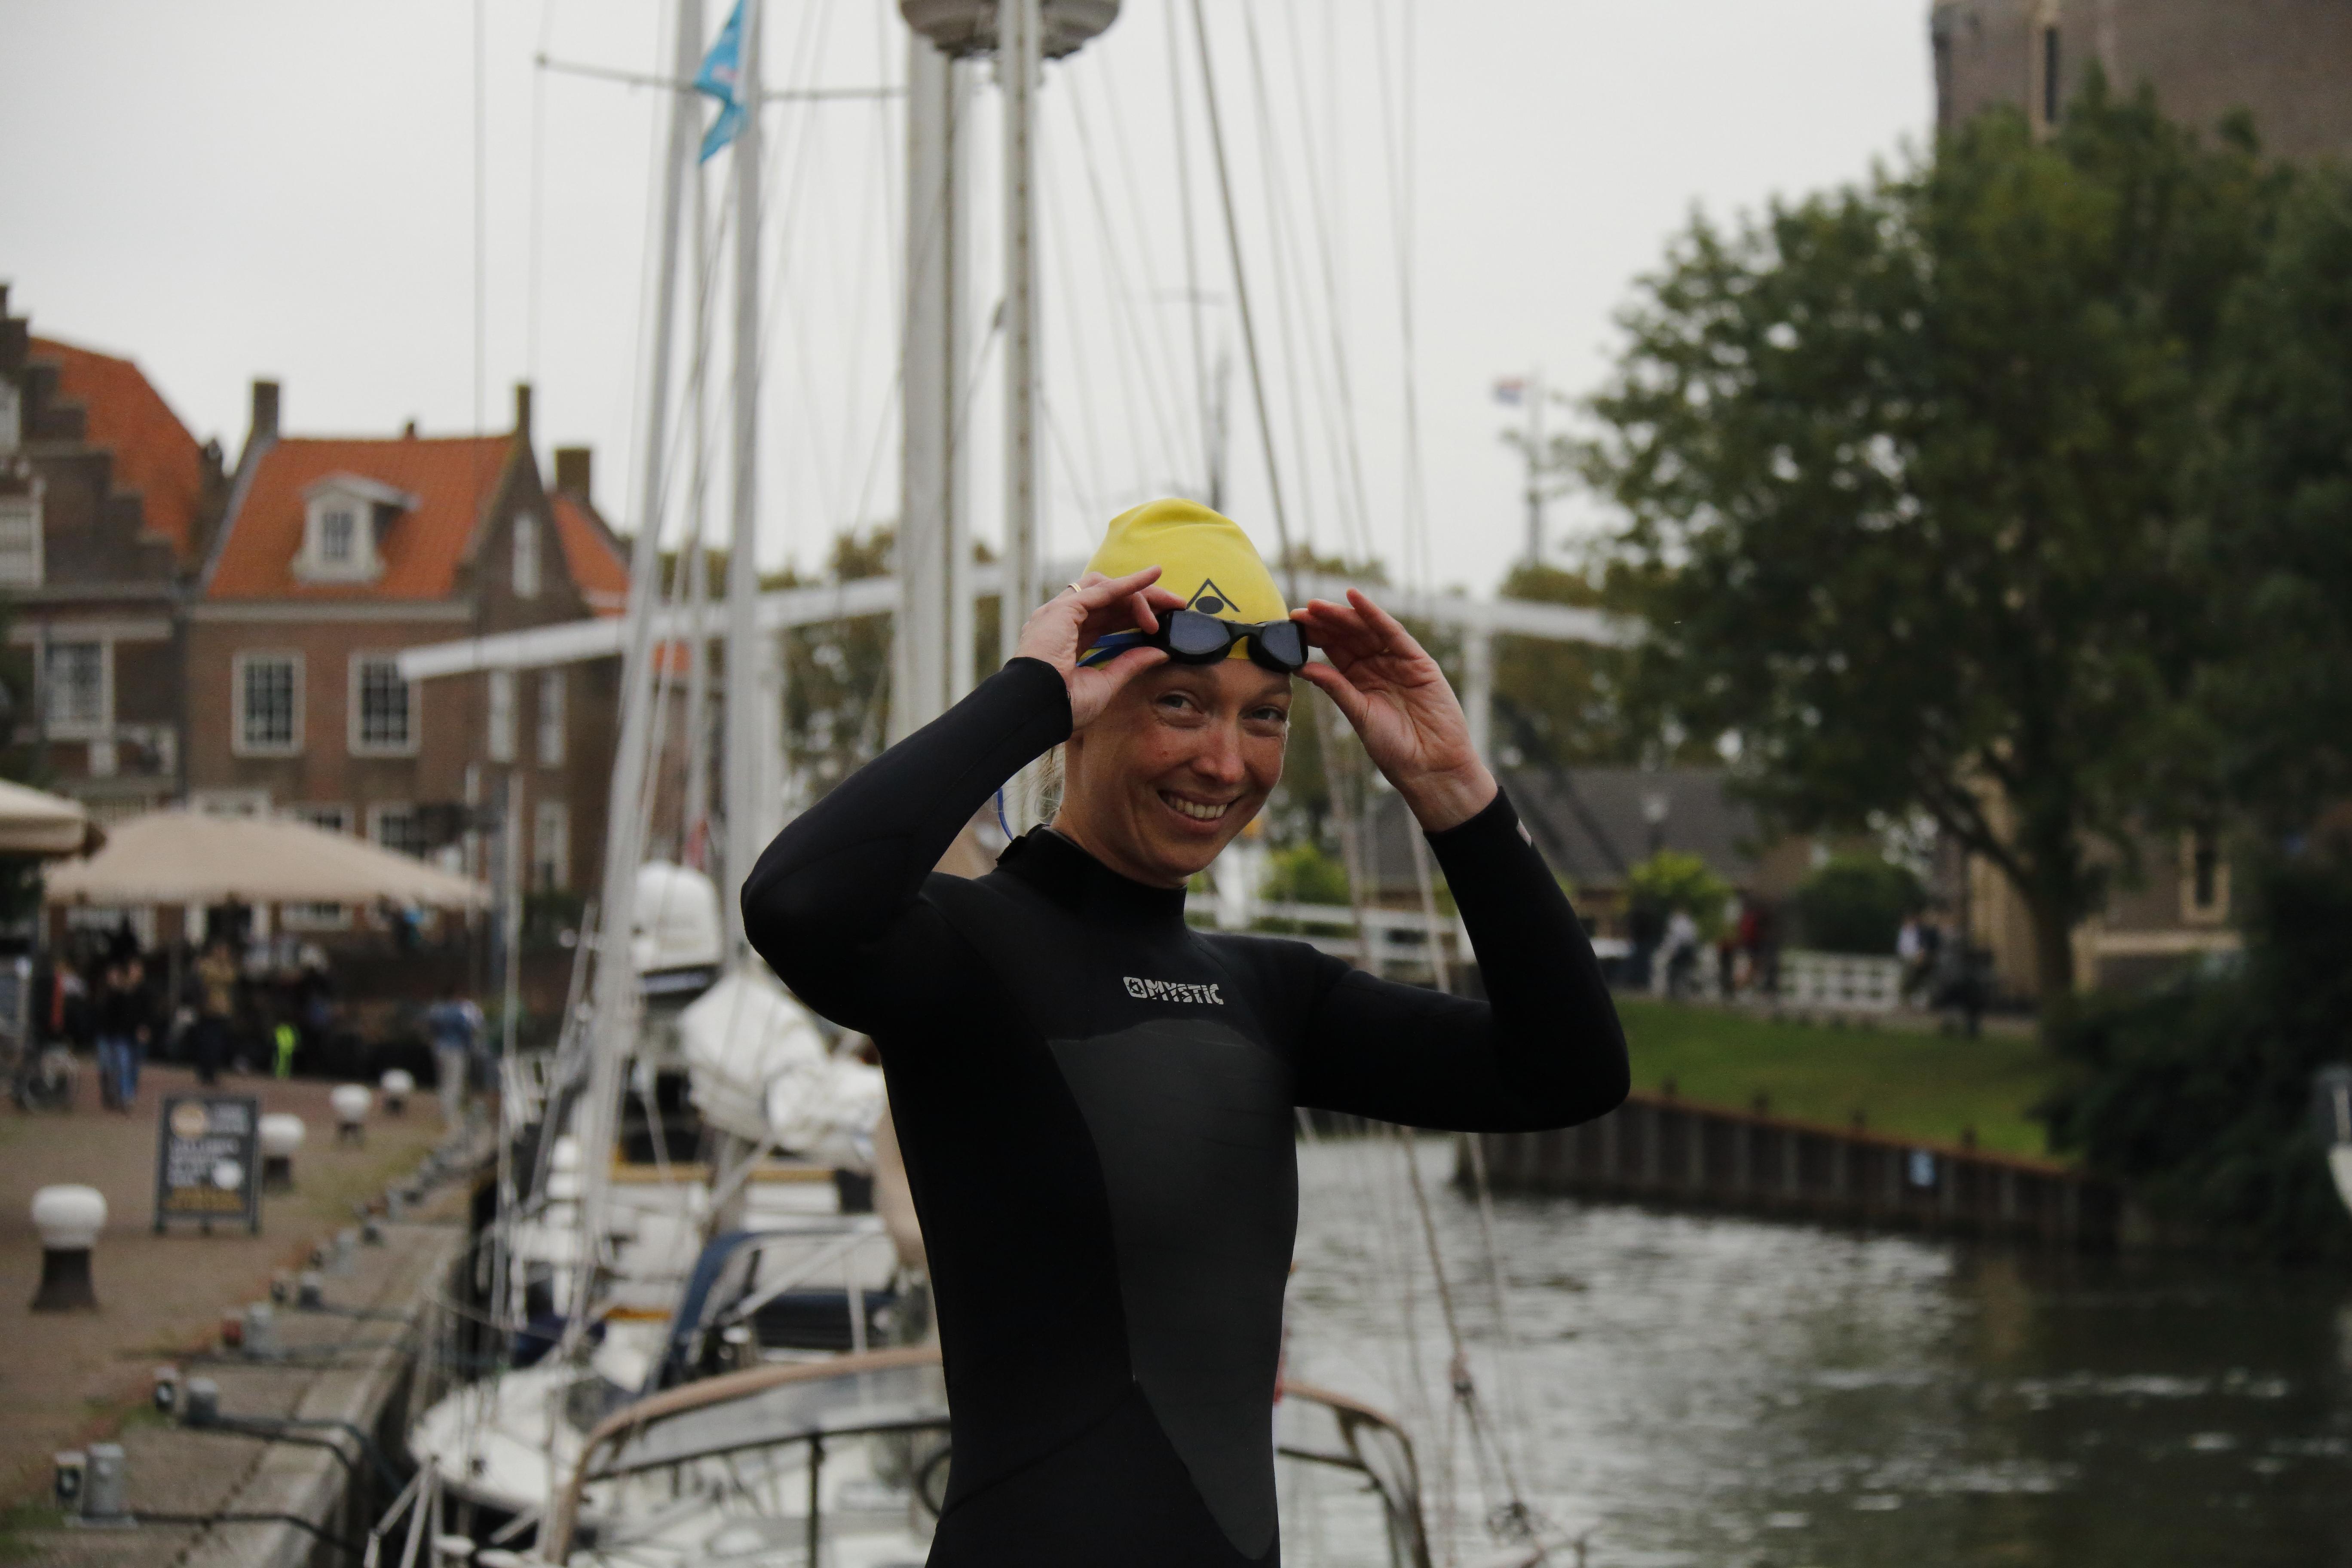 De Enkhuizense Karin Wilterdink-Molenaar springt zondag 9 september in het diepe voor ALS tijdens de Amsterdam City Swim. (Foto: Miranda Schinkel)